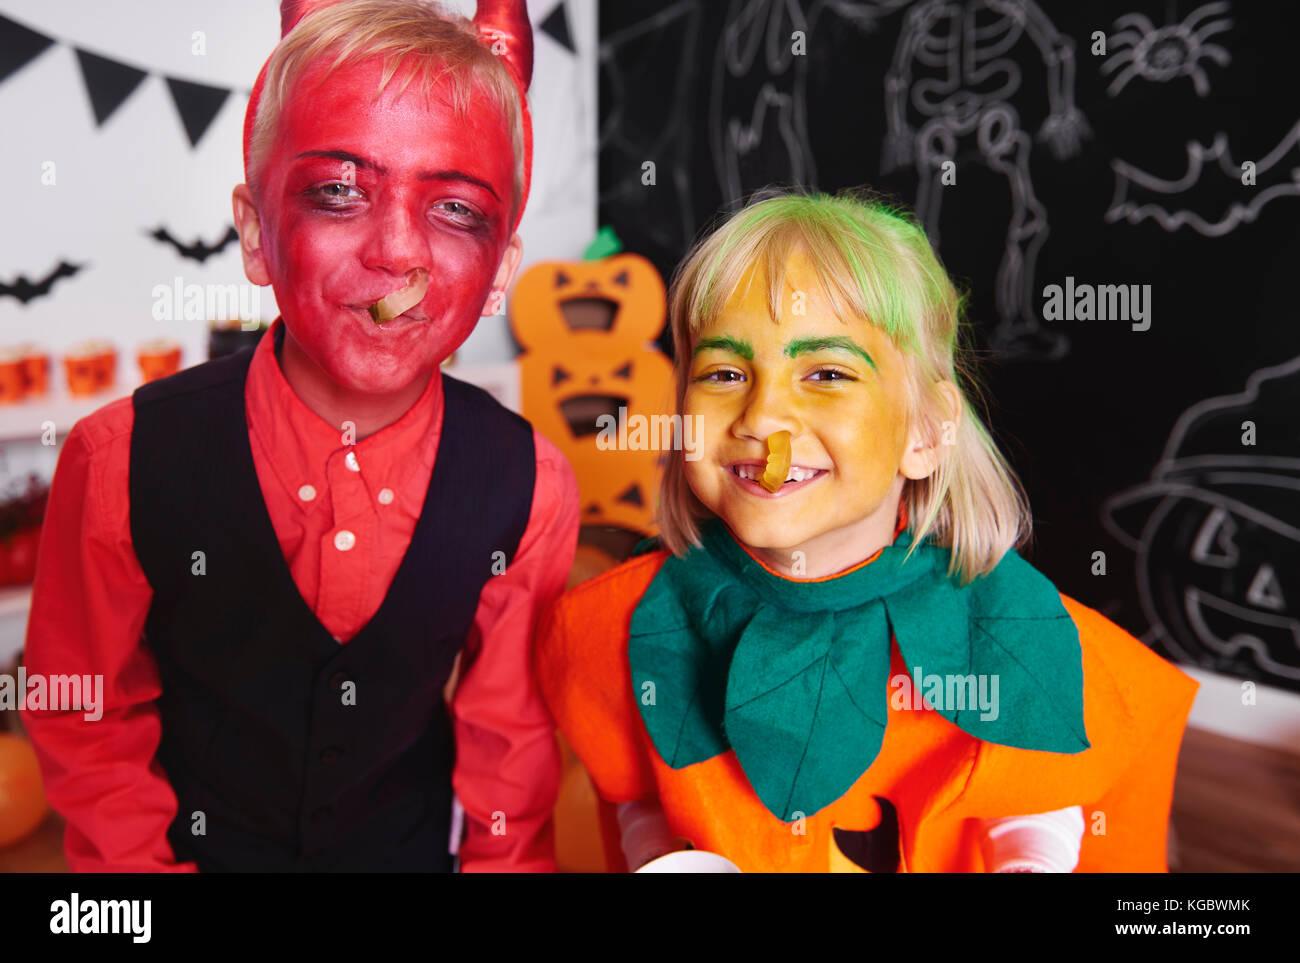 Geschwister mit einem Spaß mit Gummibärchen Worms Stockbild